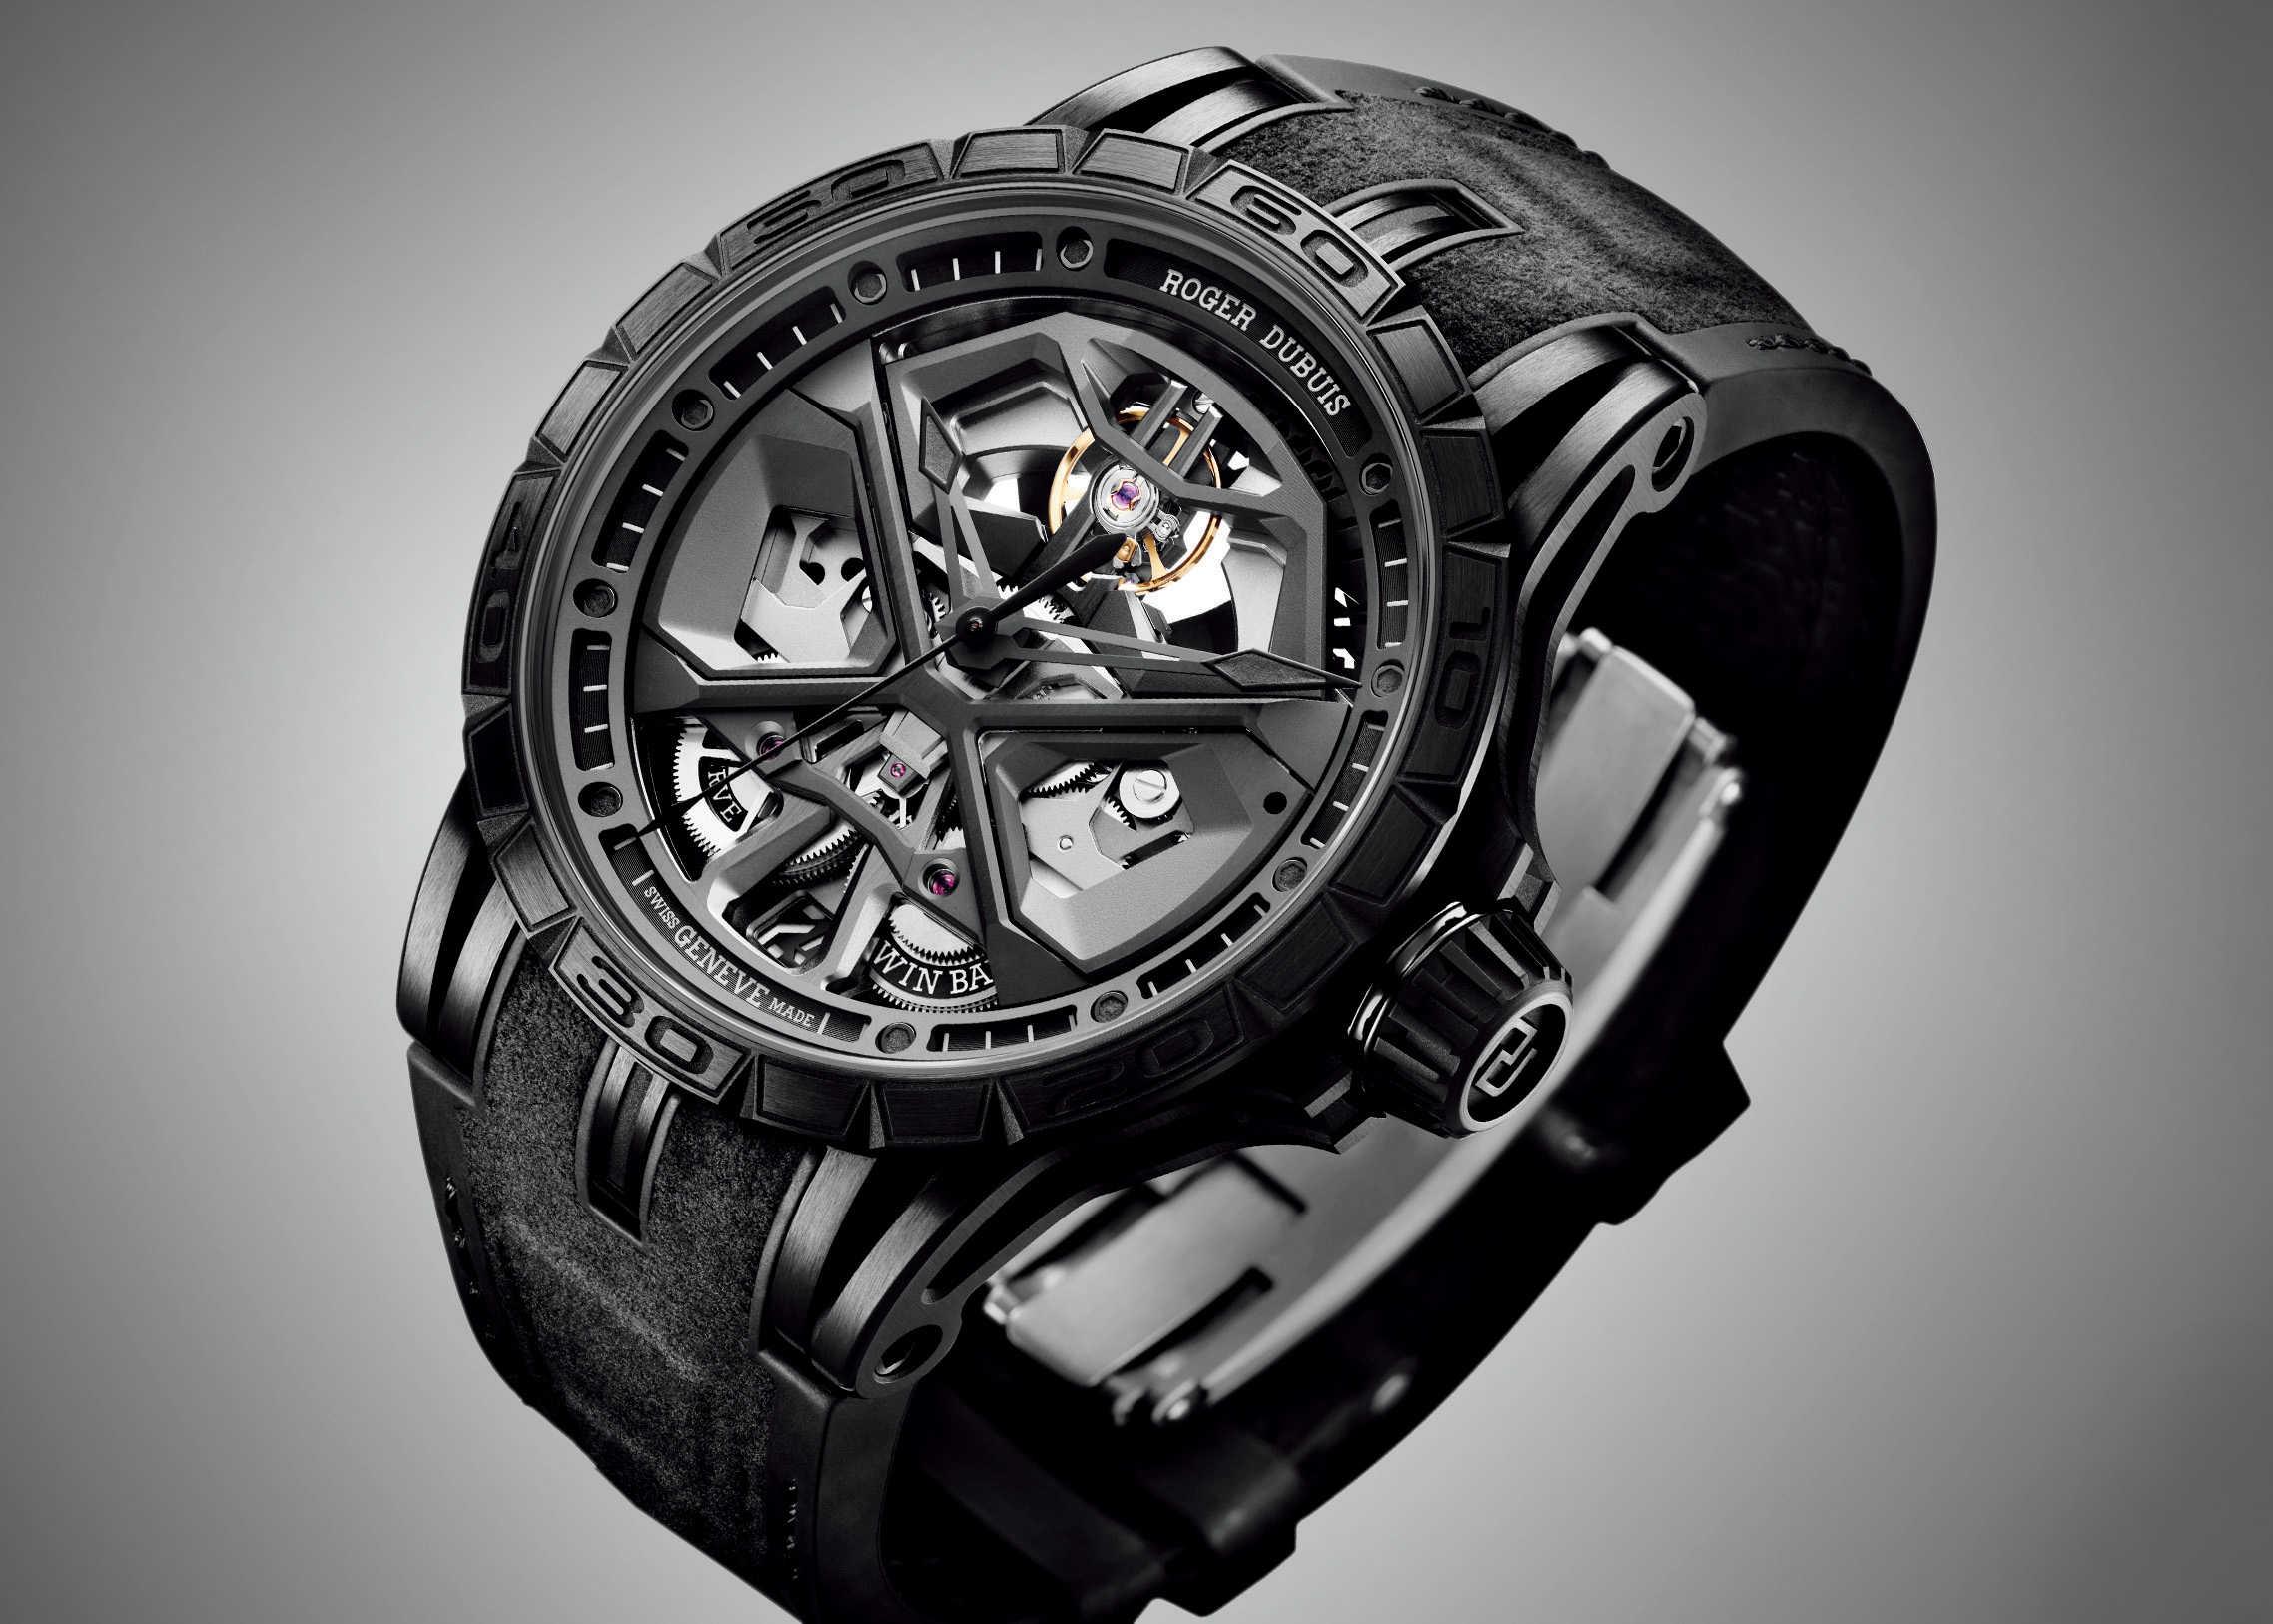 FOCUS ON 今月注目したいモノ・コト黙っていても多くを語れるブラックフェイスの武骨な腕時計!